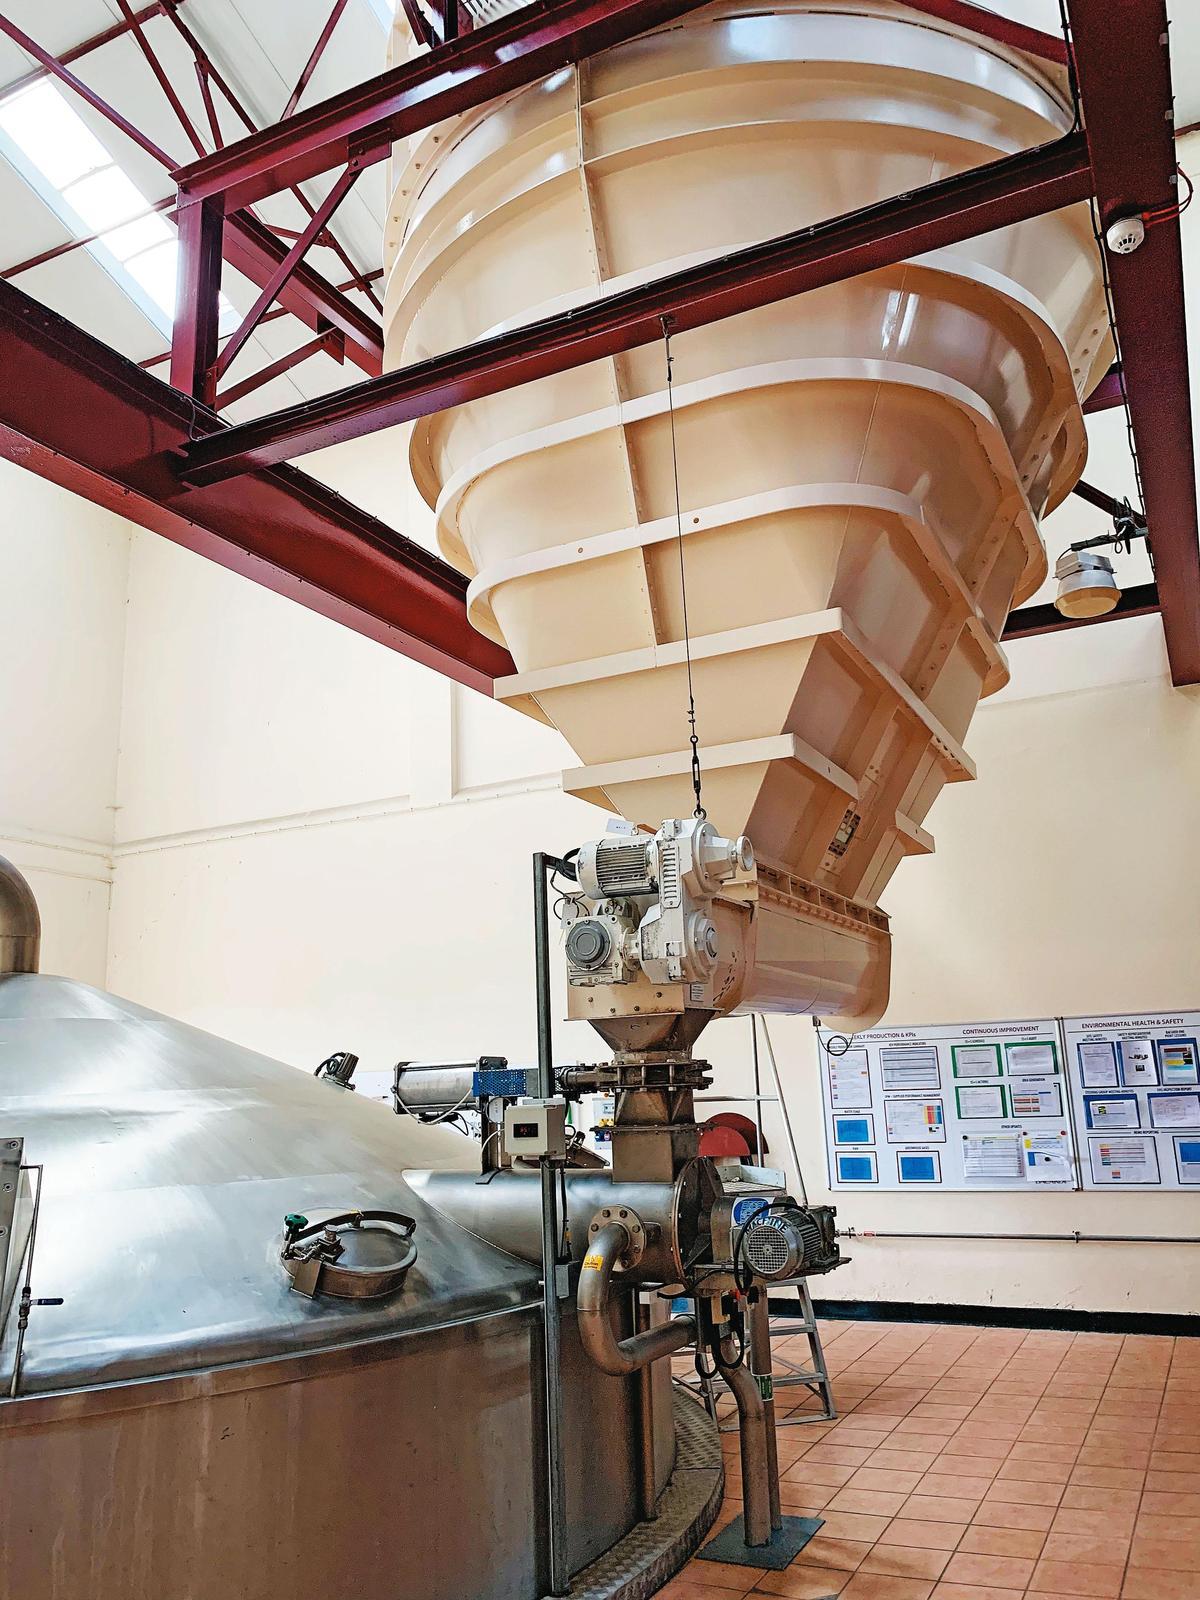 磨好的碎麥芽就從上方白色的超大漏斗注入糖化槽內,開始進行糖化。